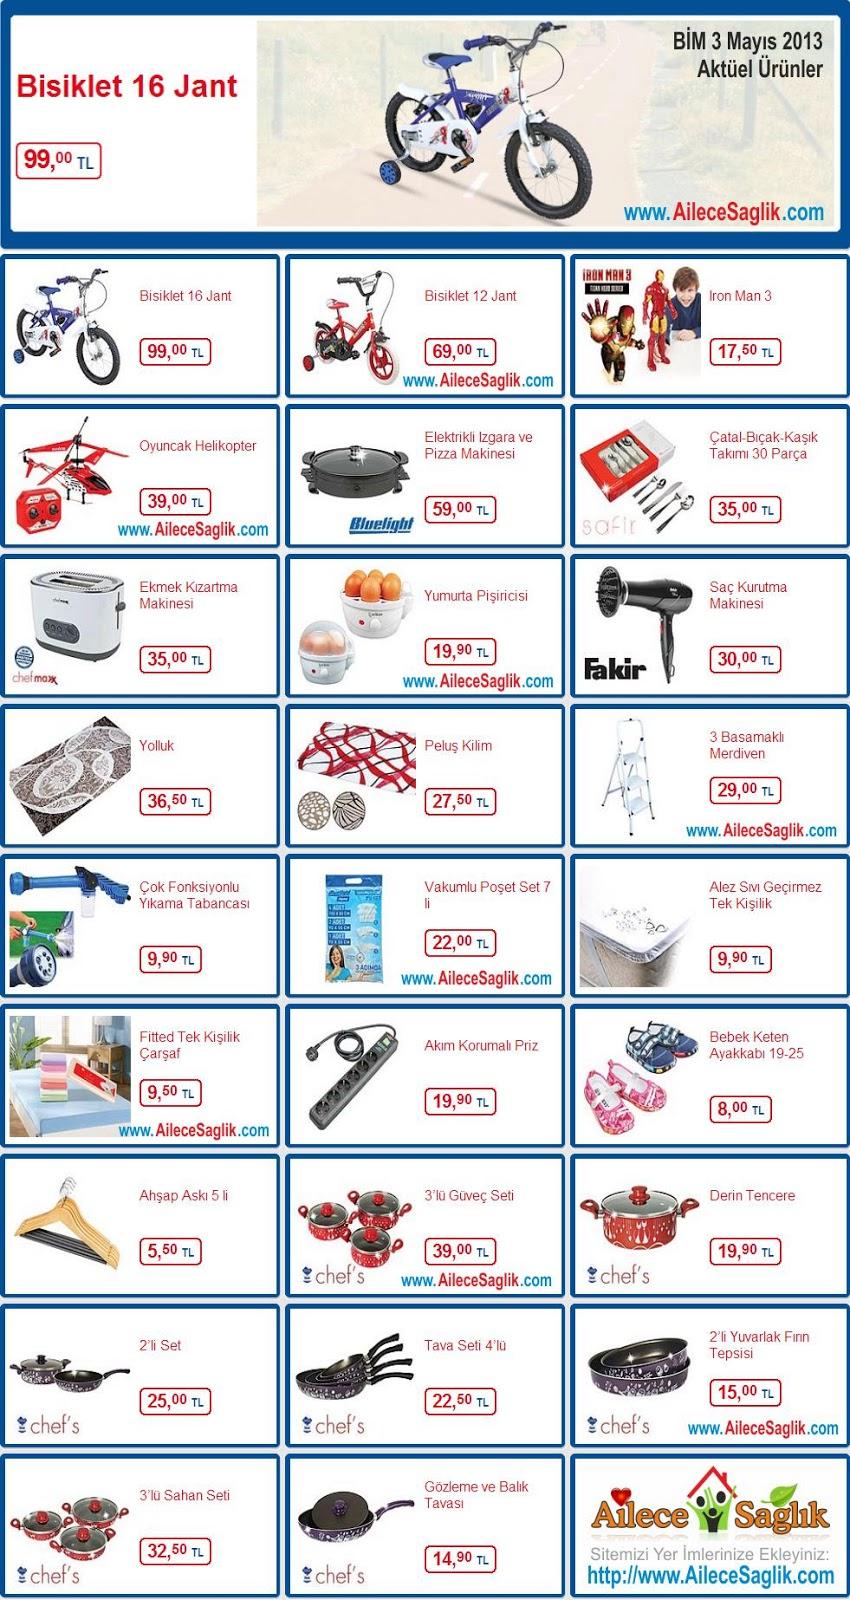 Bim aktüel ürünler broşürü